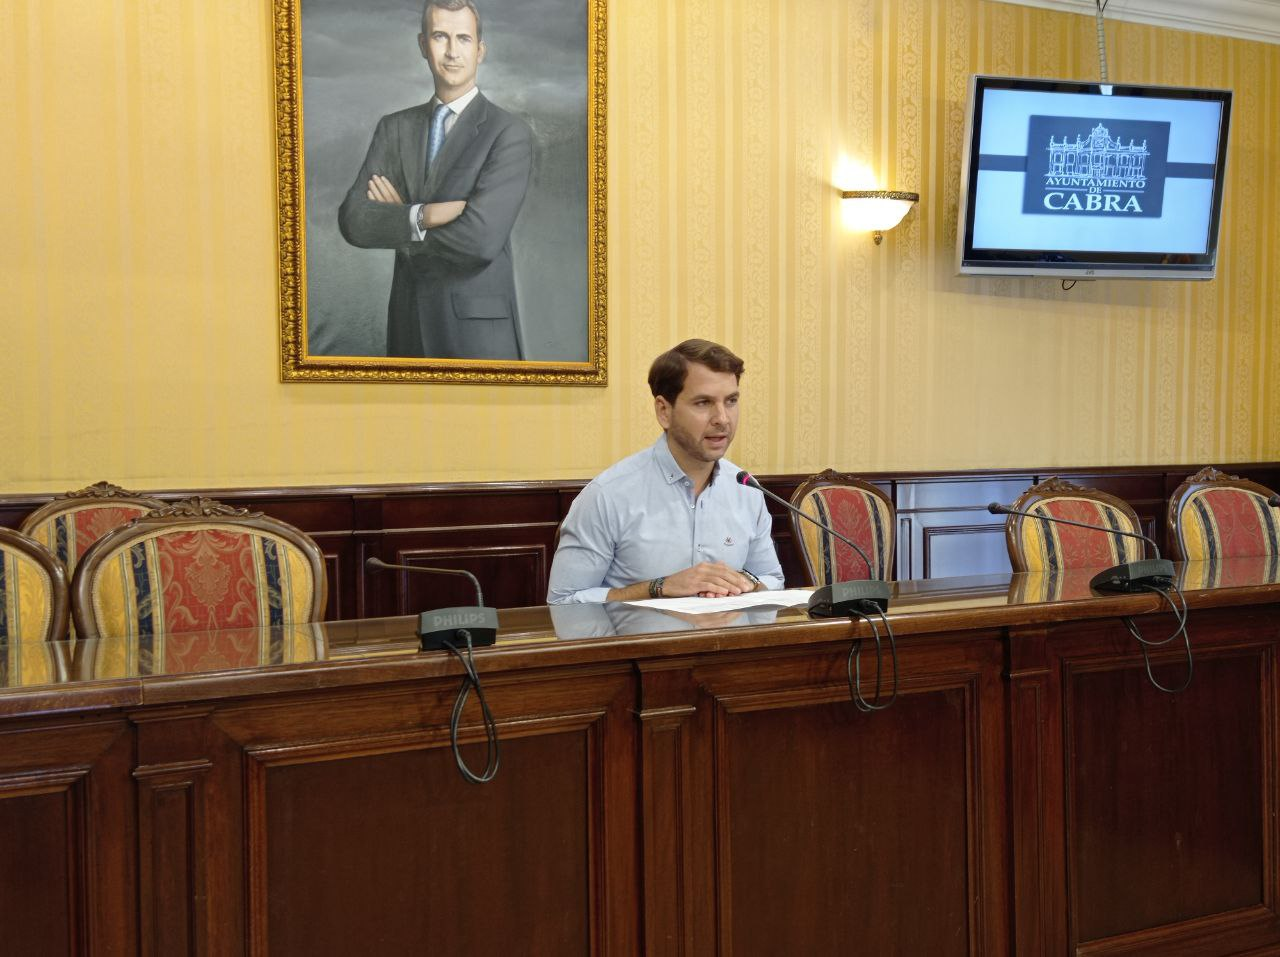 El Ayuntamiento de Cabra destinará 1,6 millones de euros a 13 actuaciones de mejora en la localidad